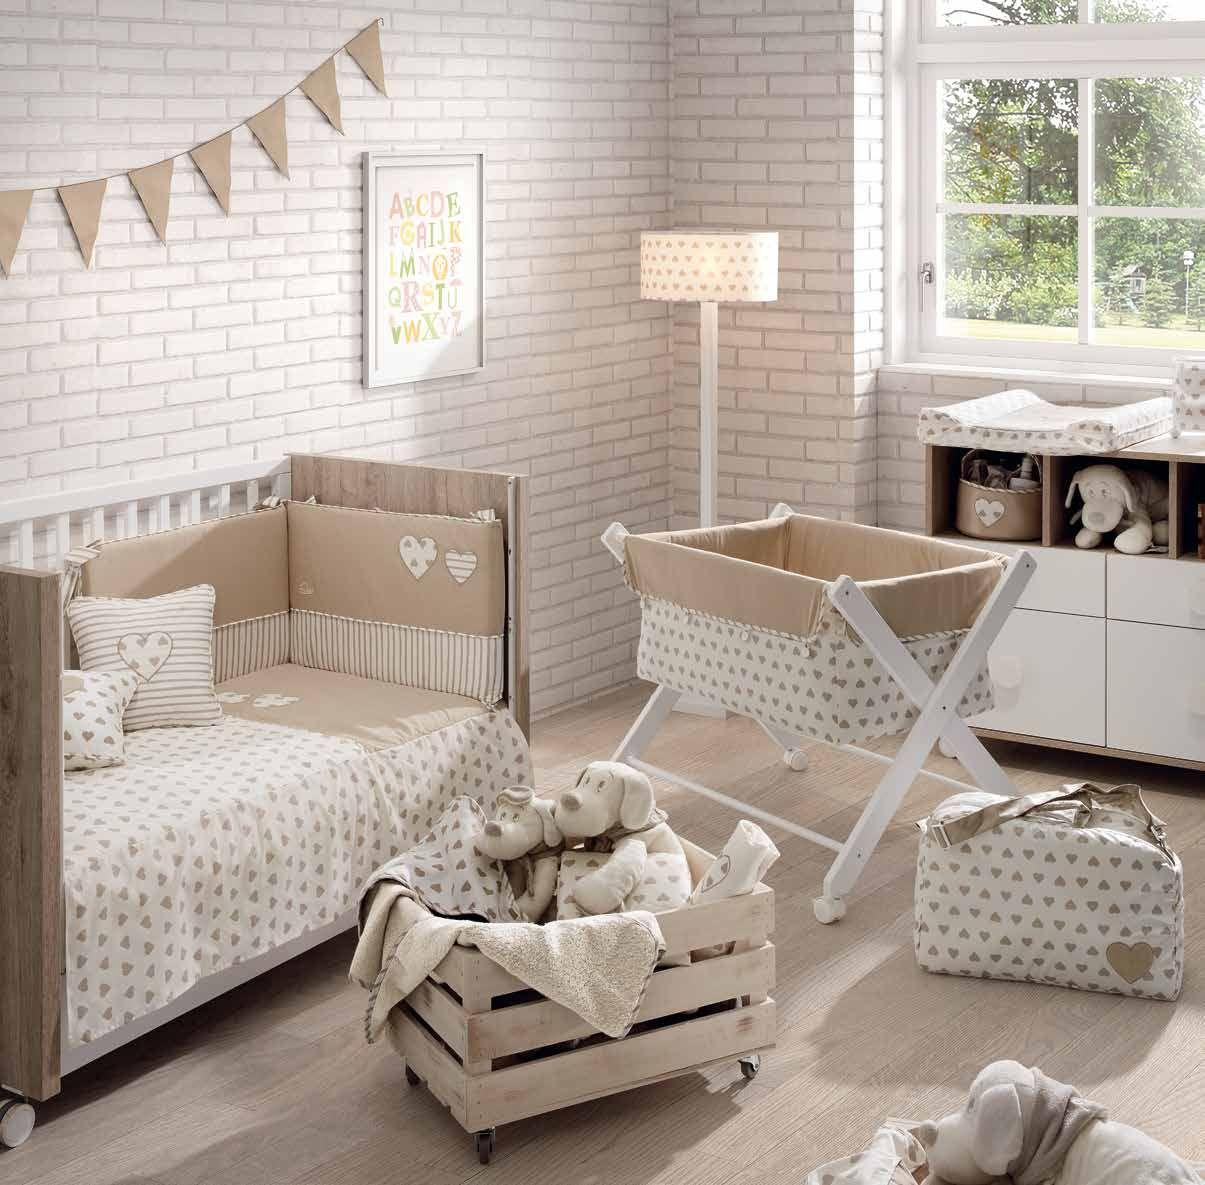 habitación infantil color beige, lo natural es ser natural y volver ...